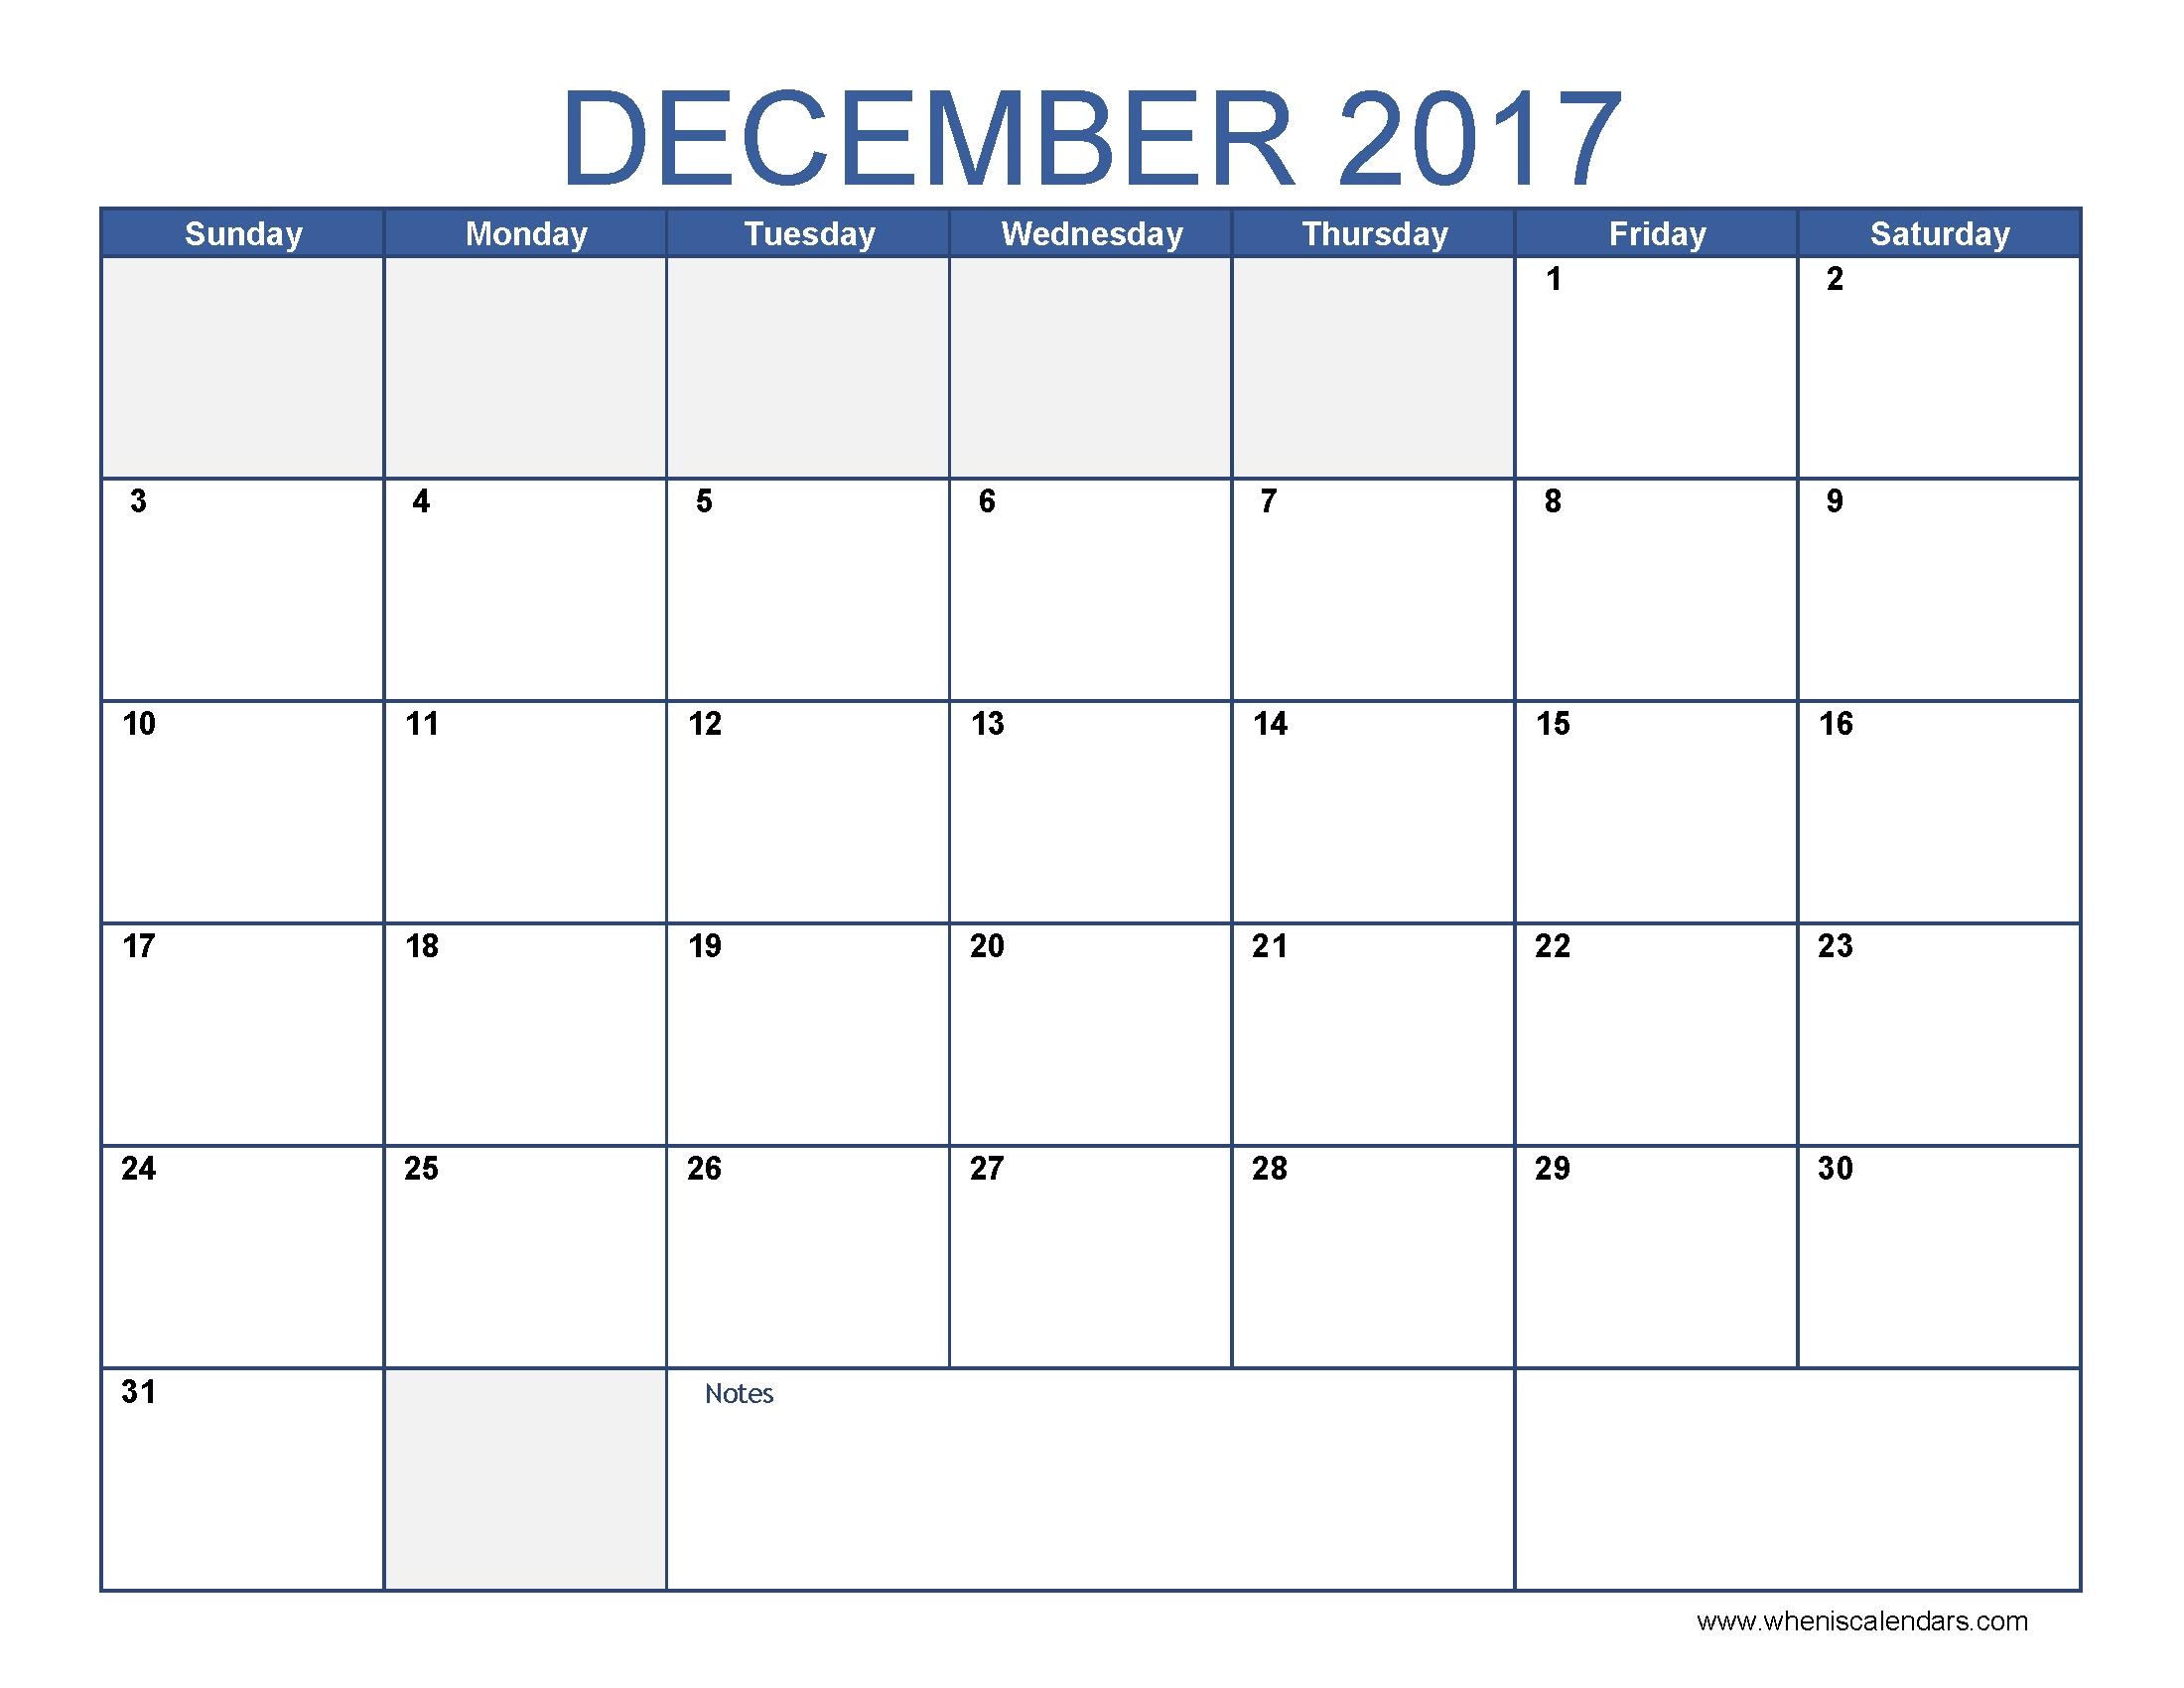 December Calendar 2017 December 2017 Calendar Pinterest  Xjb